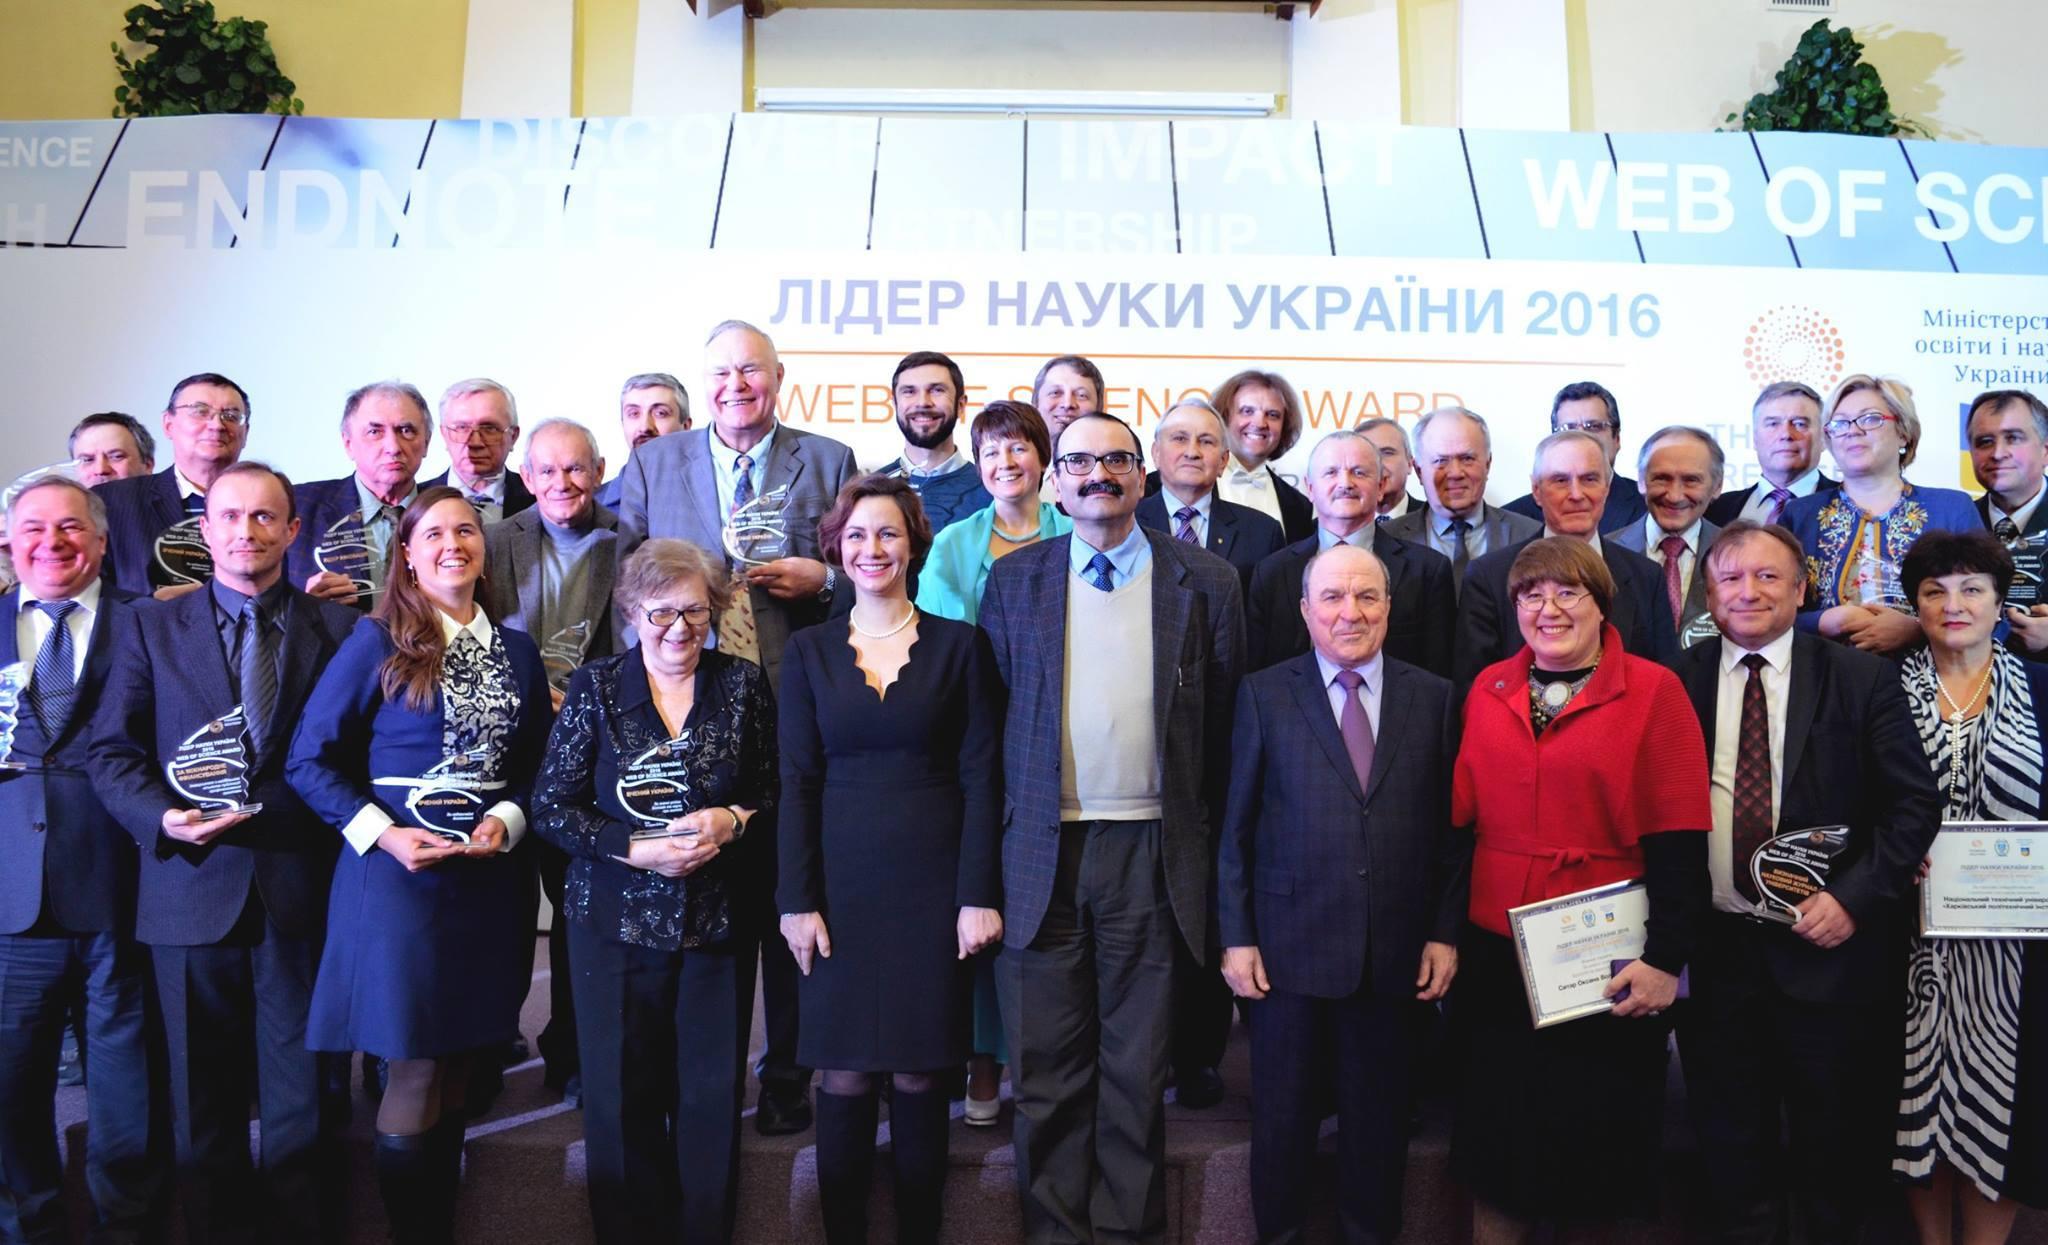 Наукові публікації Університету відзначили нагородою